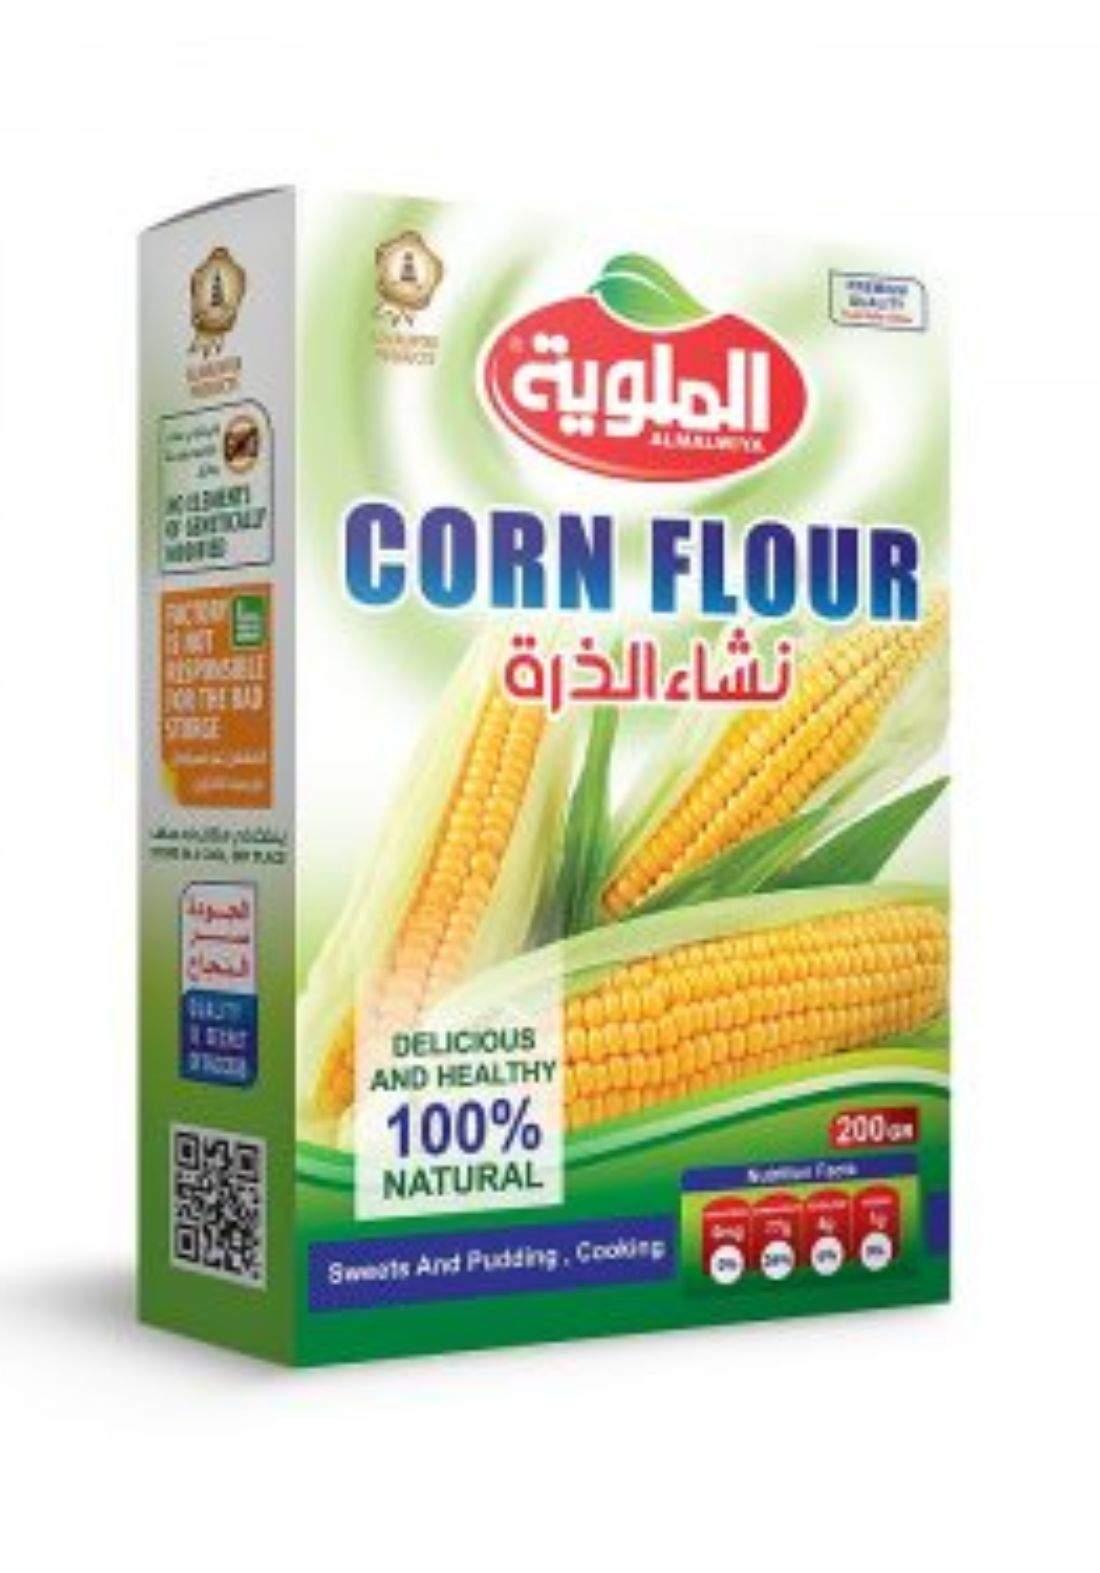 Al-Malwiya Corn Flour نشأ الذرة الملوية